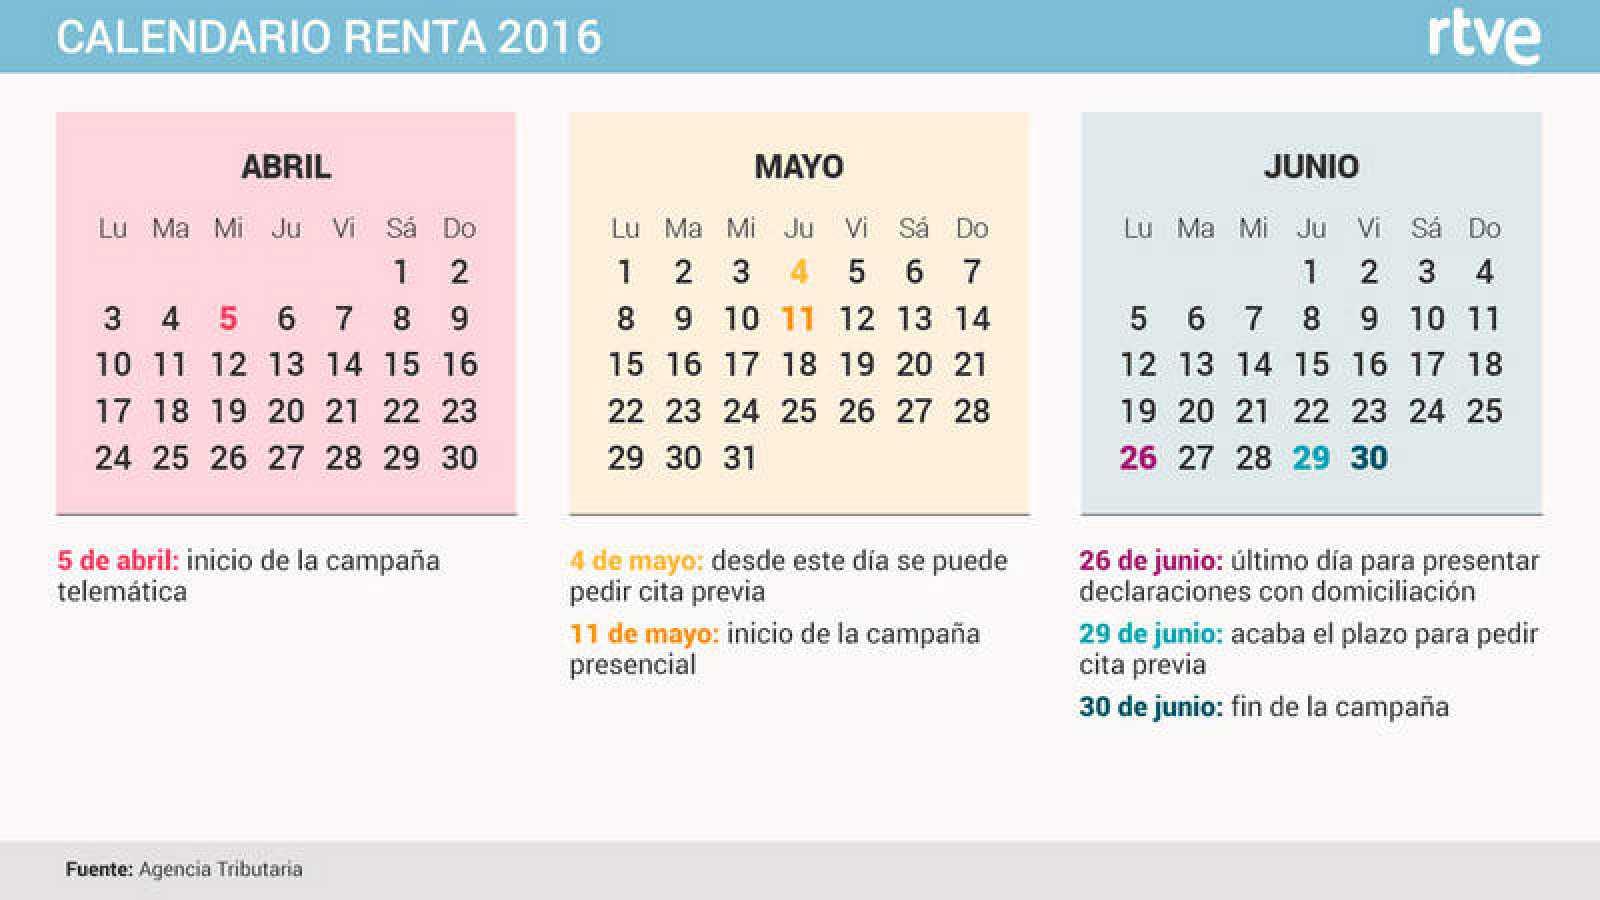 Renta 2016: Último día para presentar la Declaración - RTVE.es